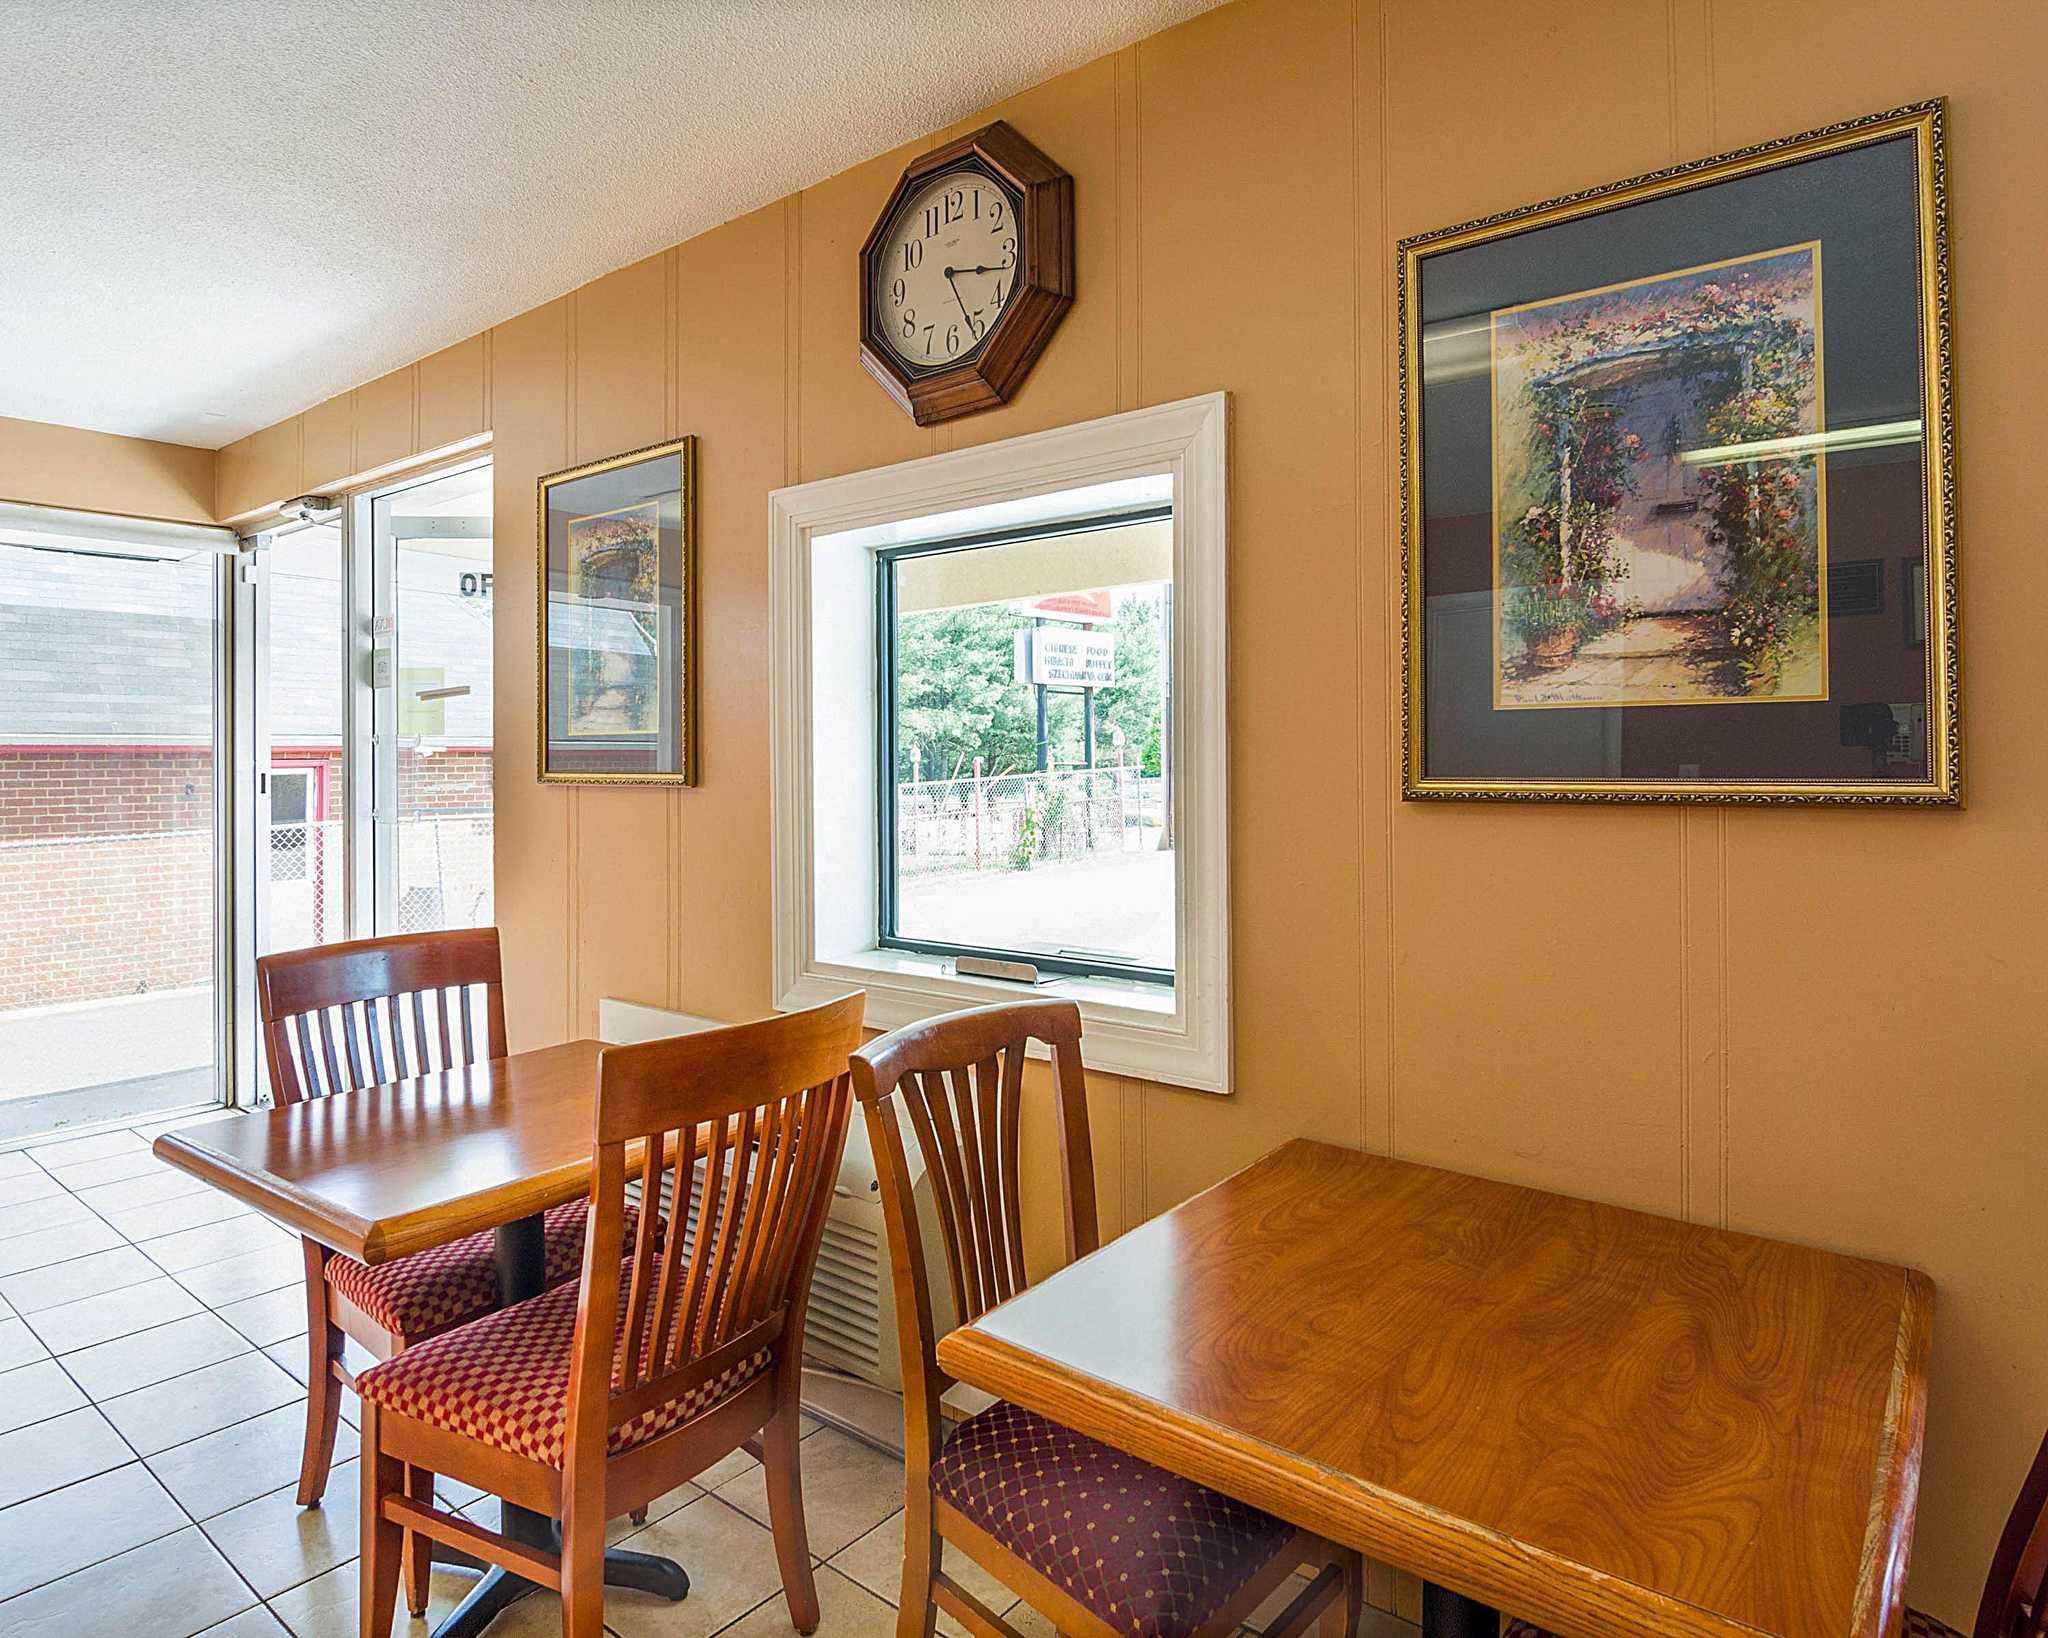 Sam S Kitchen Suites